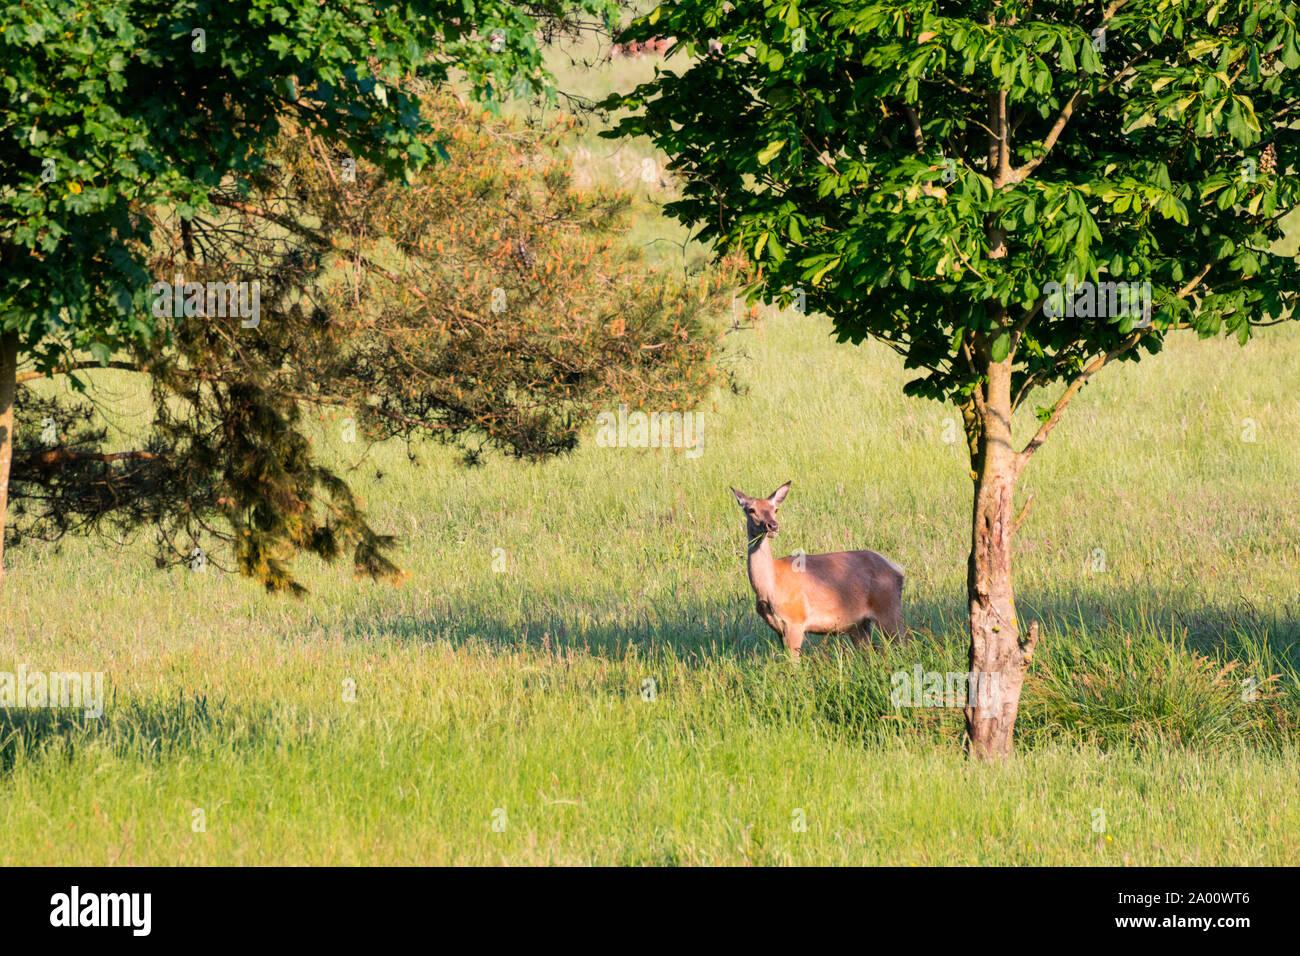 Red Deer, hind, Darss, Mecklenburg-Vorpommern, Germany, (Cervus elaphus) Stock Photo